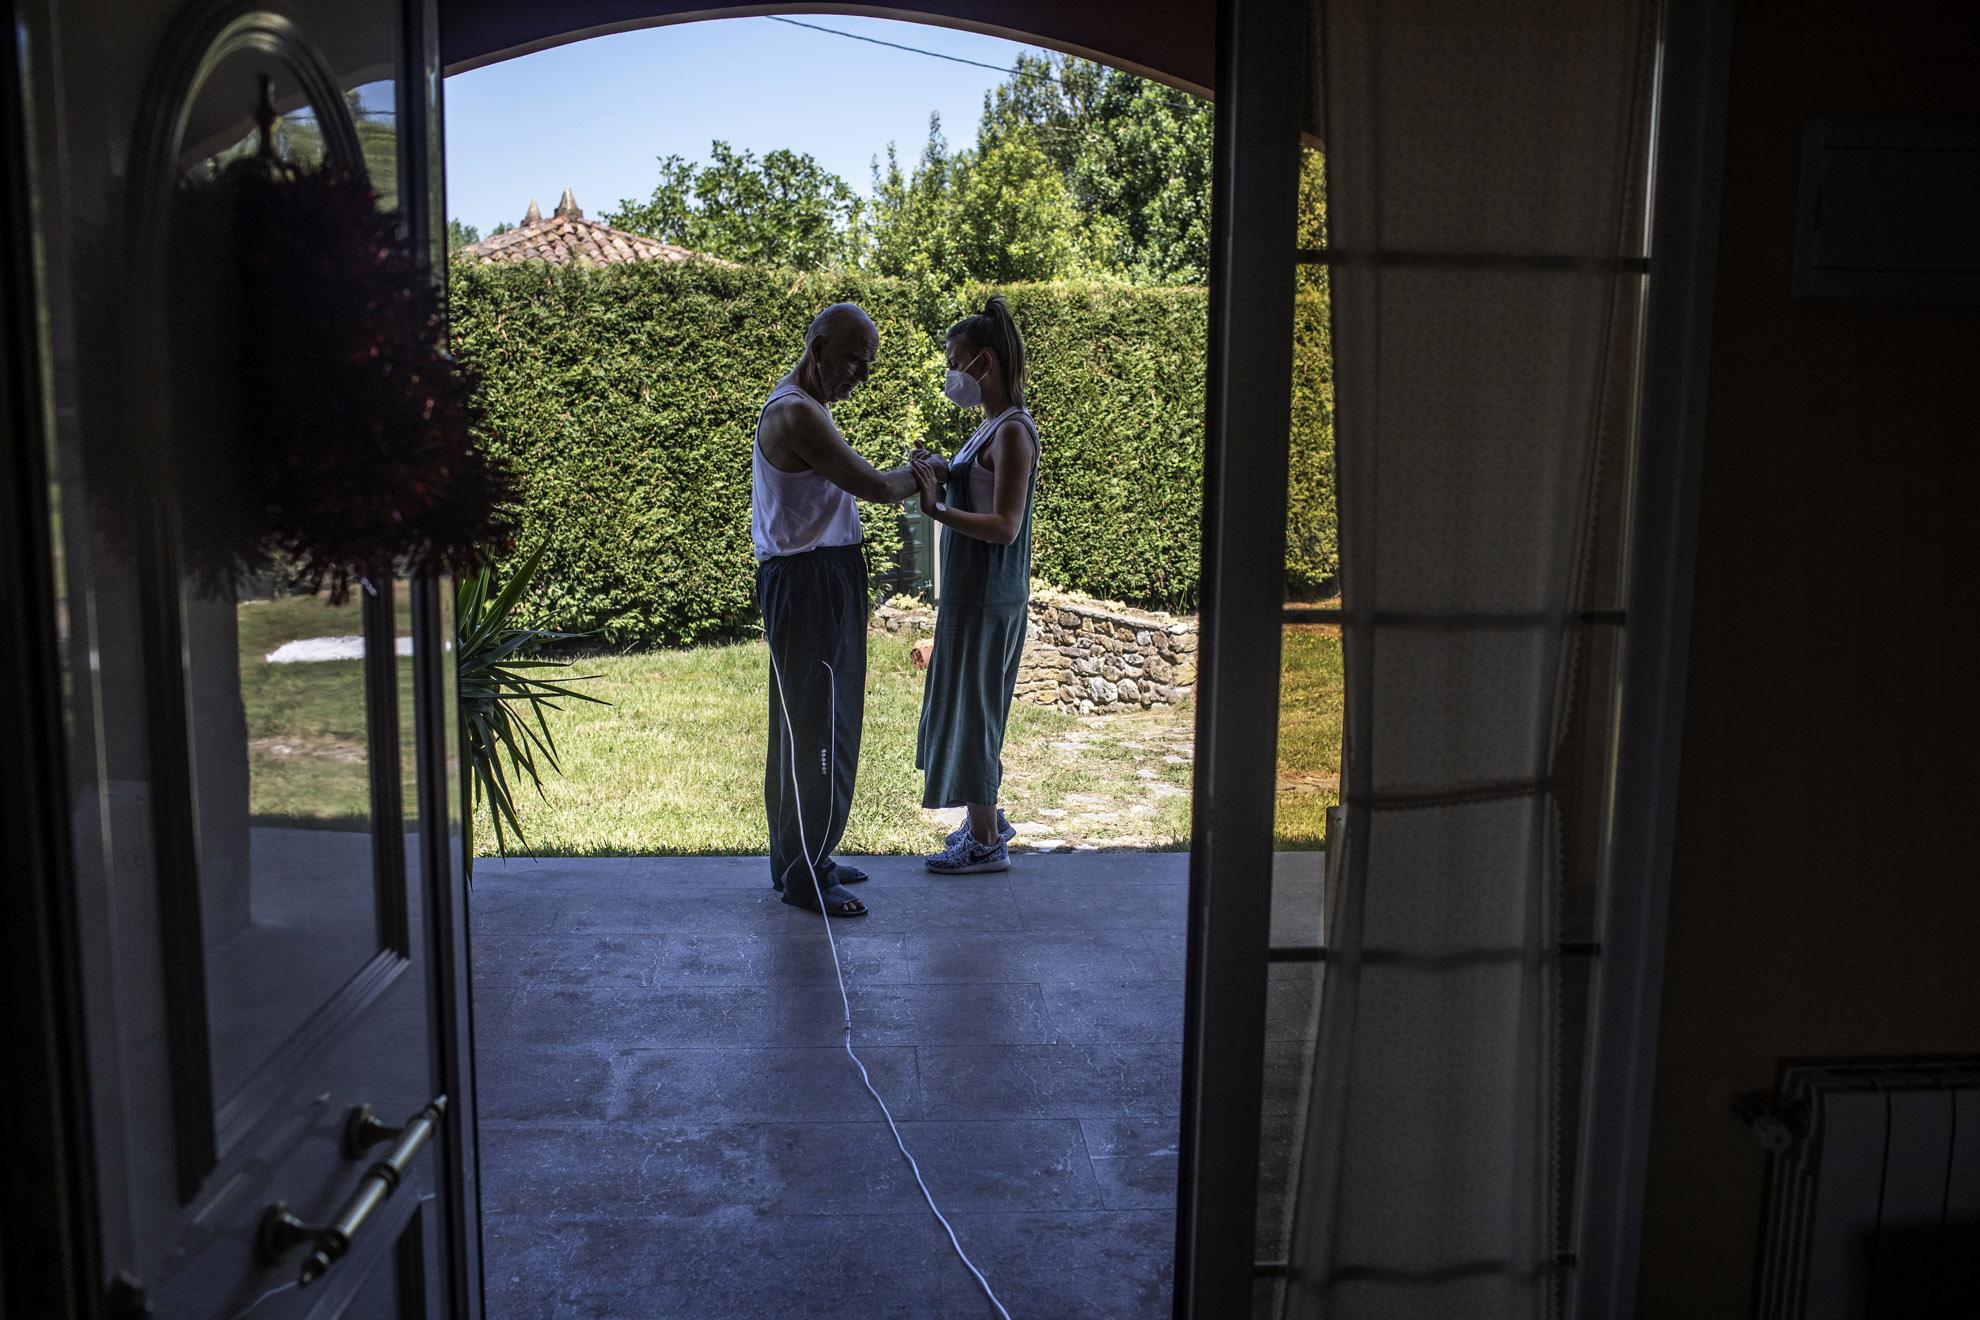 """El Dr. Yahia Zanabili, 69, es Medico jubilado del Servicio de Salud Público de Asturias e ingresó en la UCI del HUCA (Hospital Universitario central de Asturias) a mediados de Marzo por Coronavirus. Su diagnostico era grave y, en sus propias palabras, """"la ha visto muy cerca"""". Aún así, Yahia ha sido doblemente afortunado. Primero por sobrevivir a una enfermedad que en los últimos meses se ha llevado la vida de 28000 personas en España. Segundo por poder recibir las visitas de su hija Layla y su hijo Amr, ambos doctores en el HUCA. En estas semanas ha habido recaídas, un marcapasos, unos pulmones reventados y una rehabilitación muy lenta y muy dura. En la imagen, El Dr. Zanabili, durante un sesión de rehabilitación, consigue alargar su paseo por primera vez hasta el porche de su casa con la ayuda de su fisioterapeuta en Oviedo, Asturias, España. Mayo 2020."""